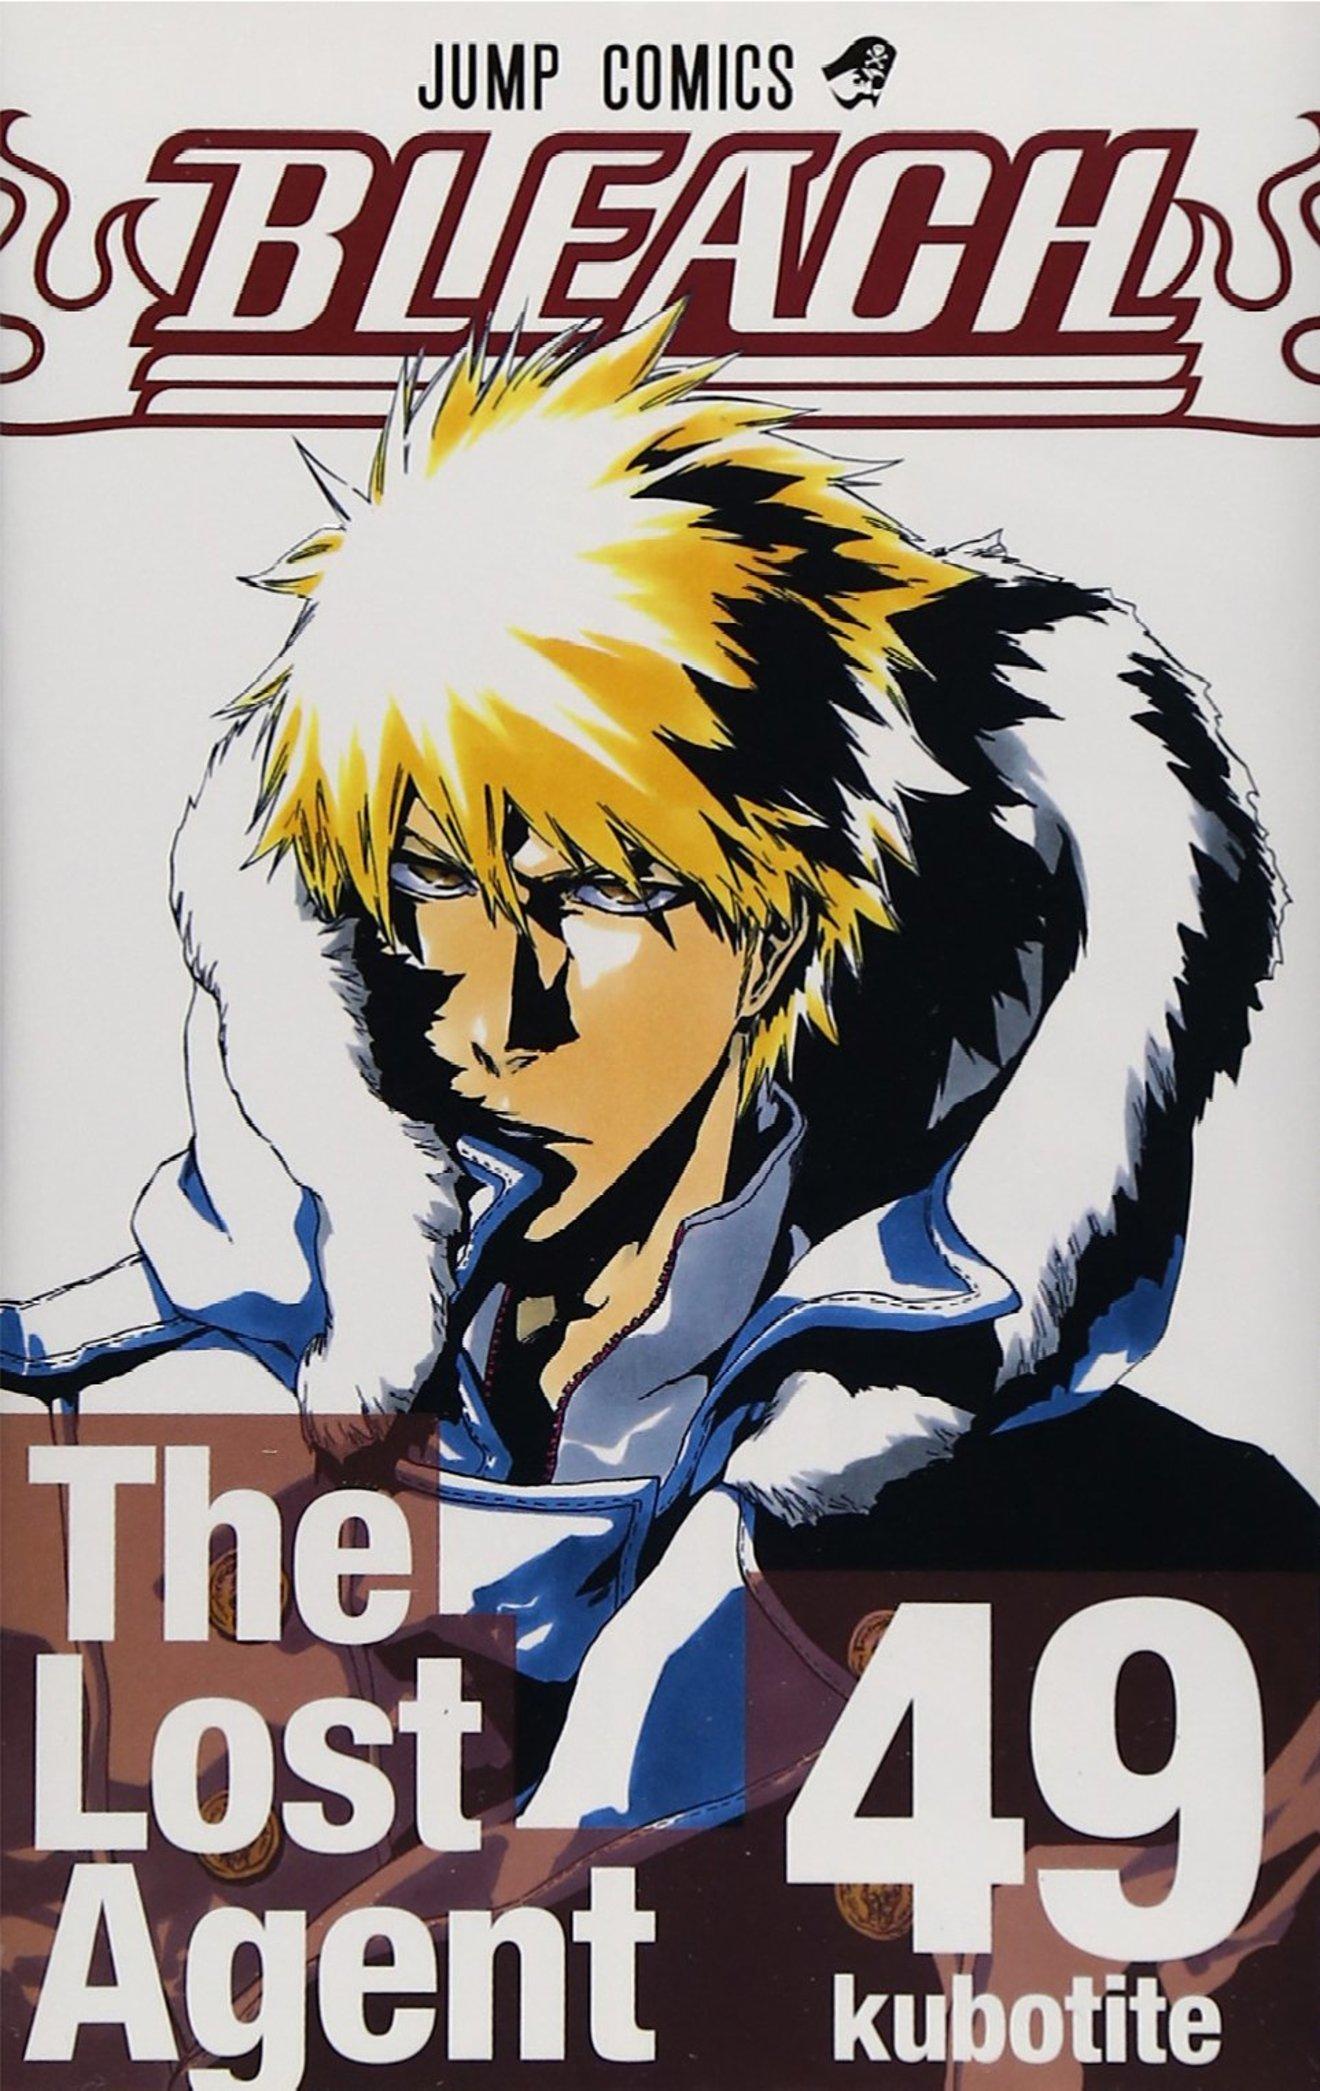 漫画「ブリーチ」の主人公・黒崎一護の10の魅力!新しい卍解とは?